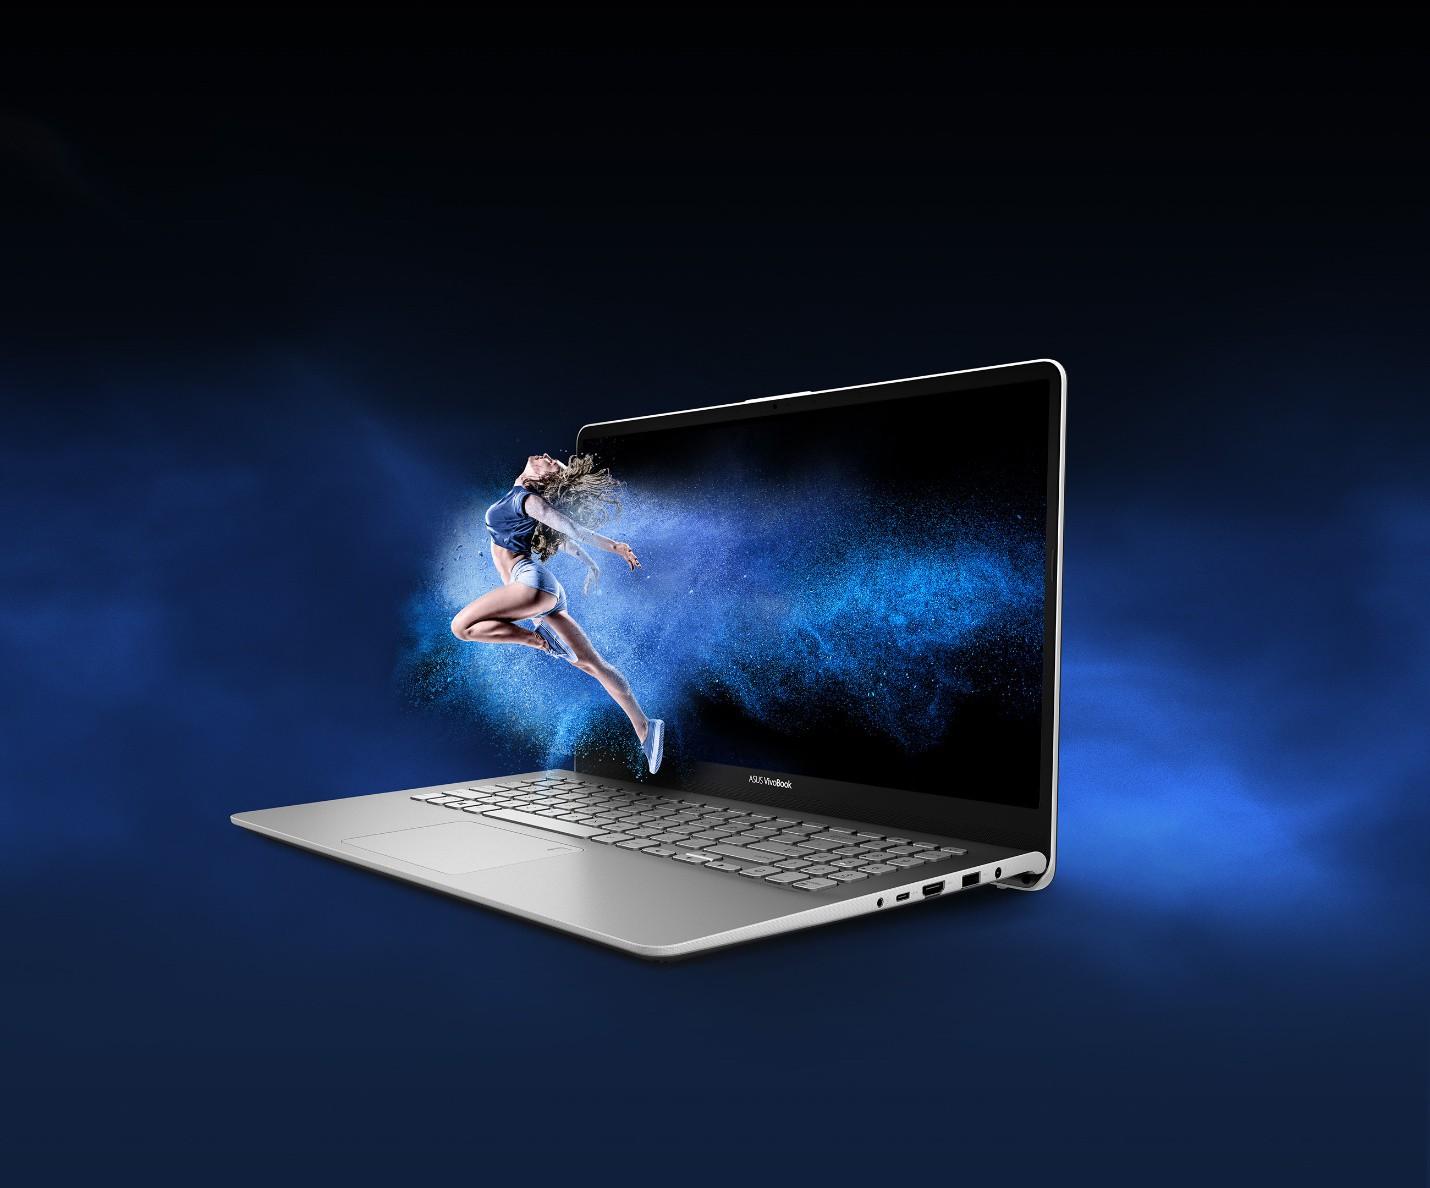 Synnex FPT công bố loạt máy tính hút hàng, thêm lựa chọn cho mùa hè sôi động - Ảnh 3.